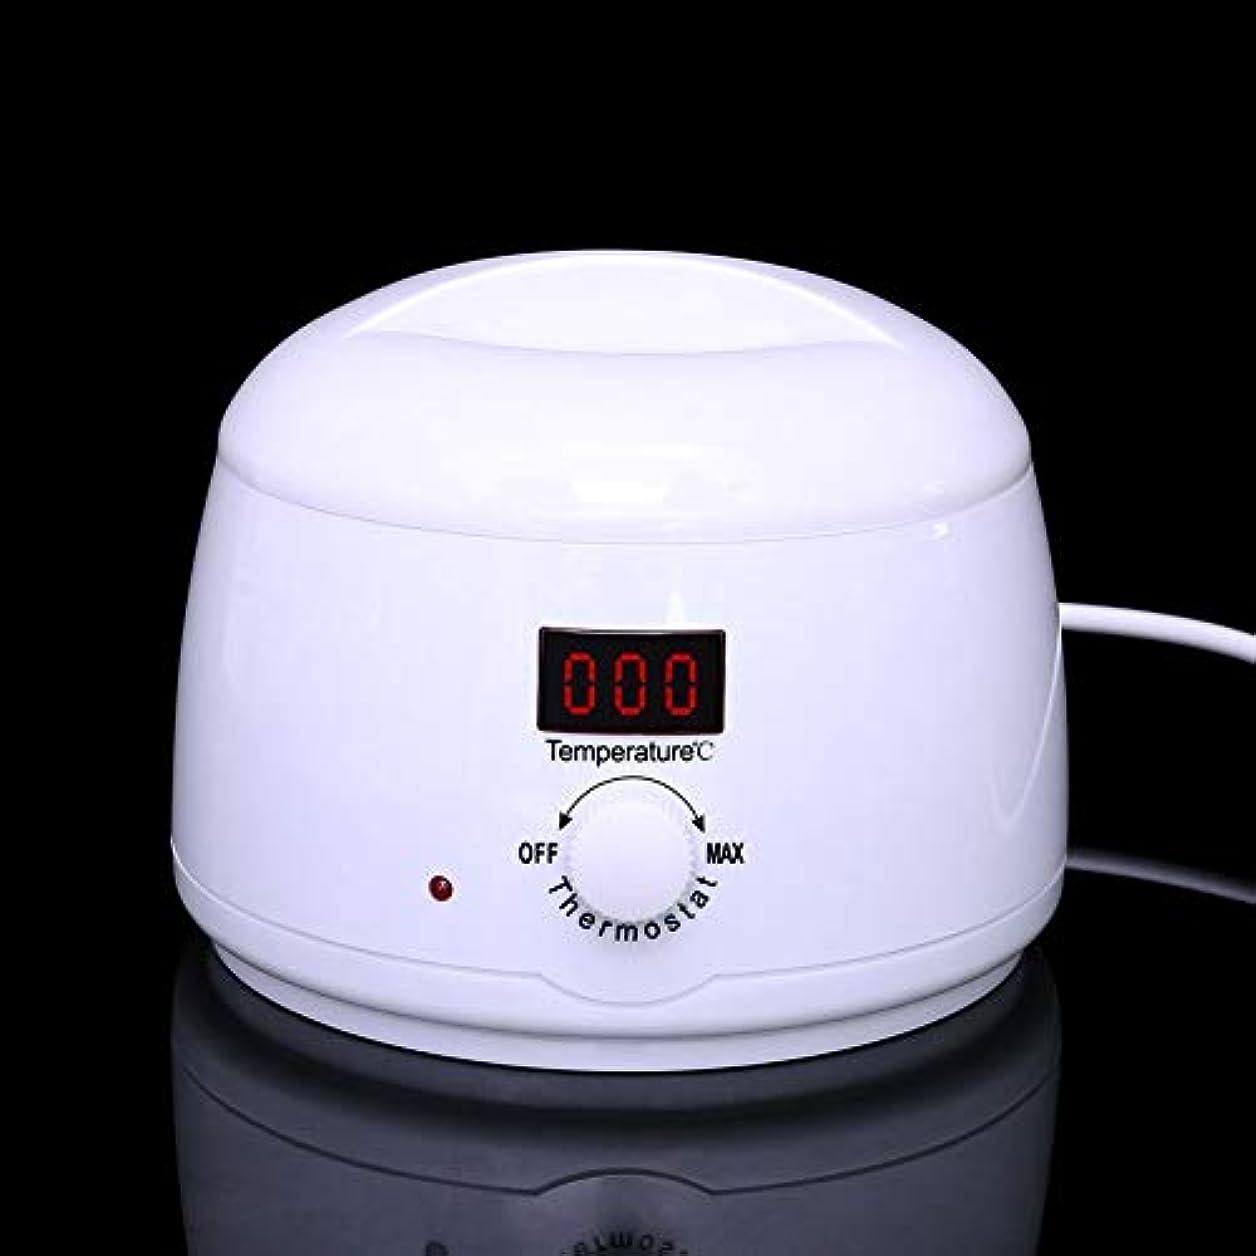 概念代数斧調節可能な温度のワックスマシン、女性および男性500CCのための多機能の家のワックスが付いている毛の取り外しのための専門の電気ワックスのウォーマーのヒーターのメルター